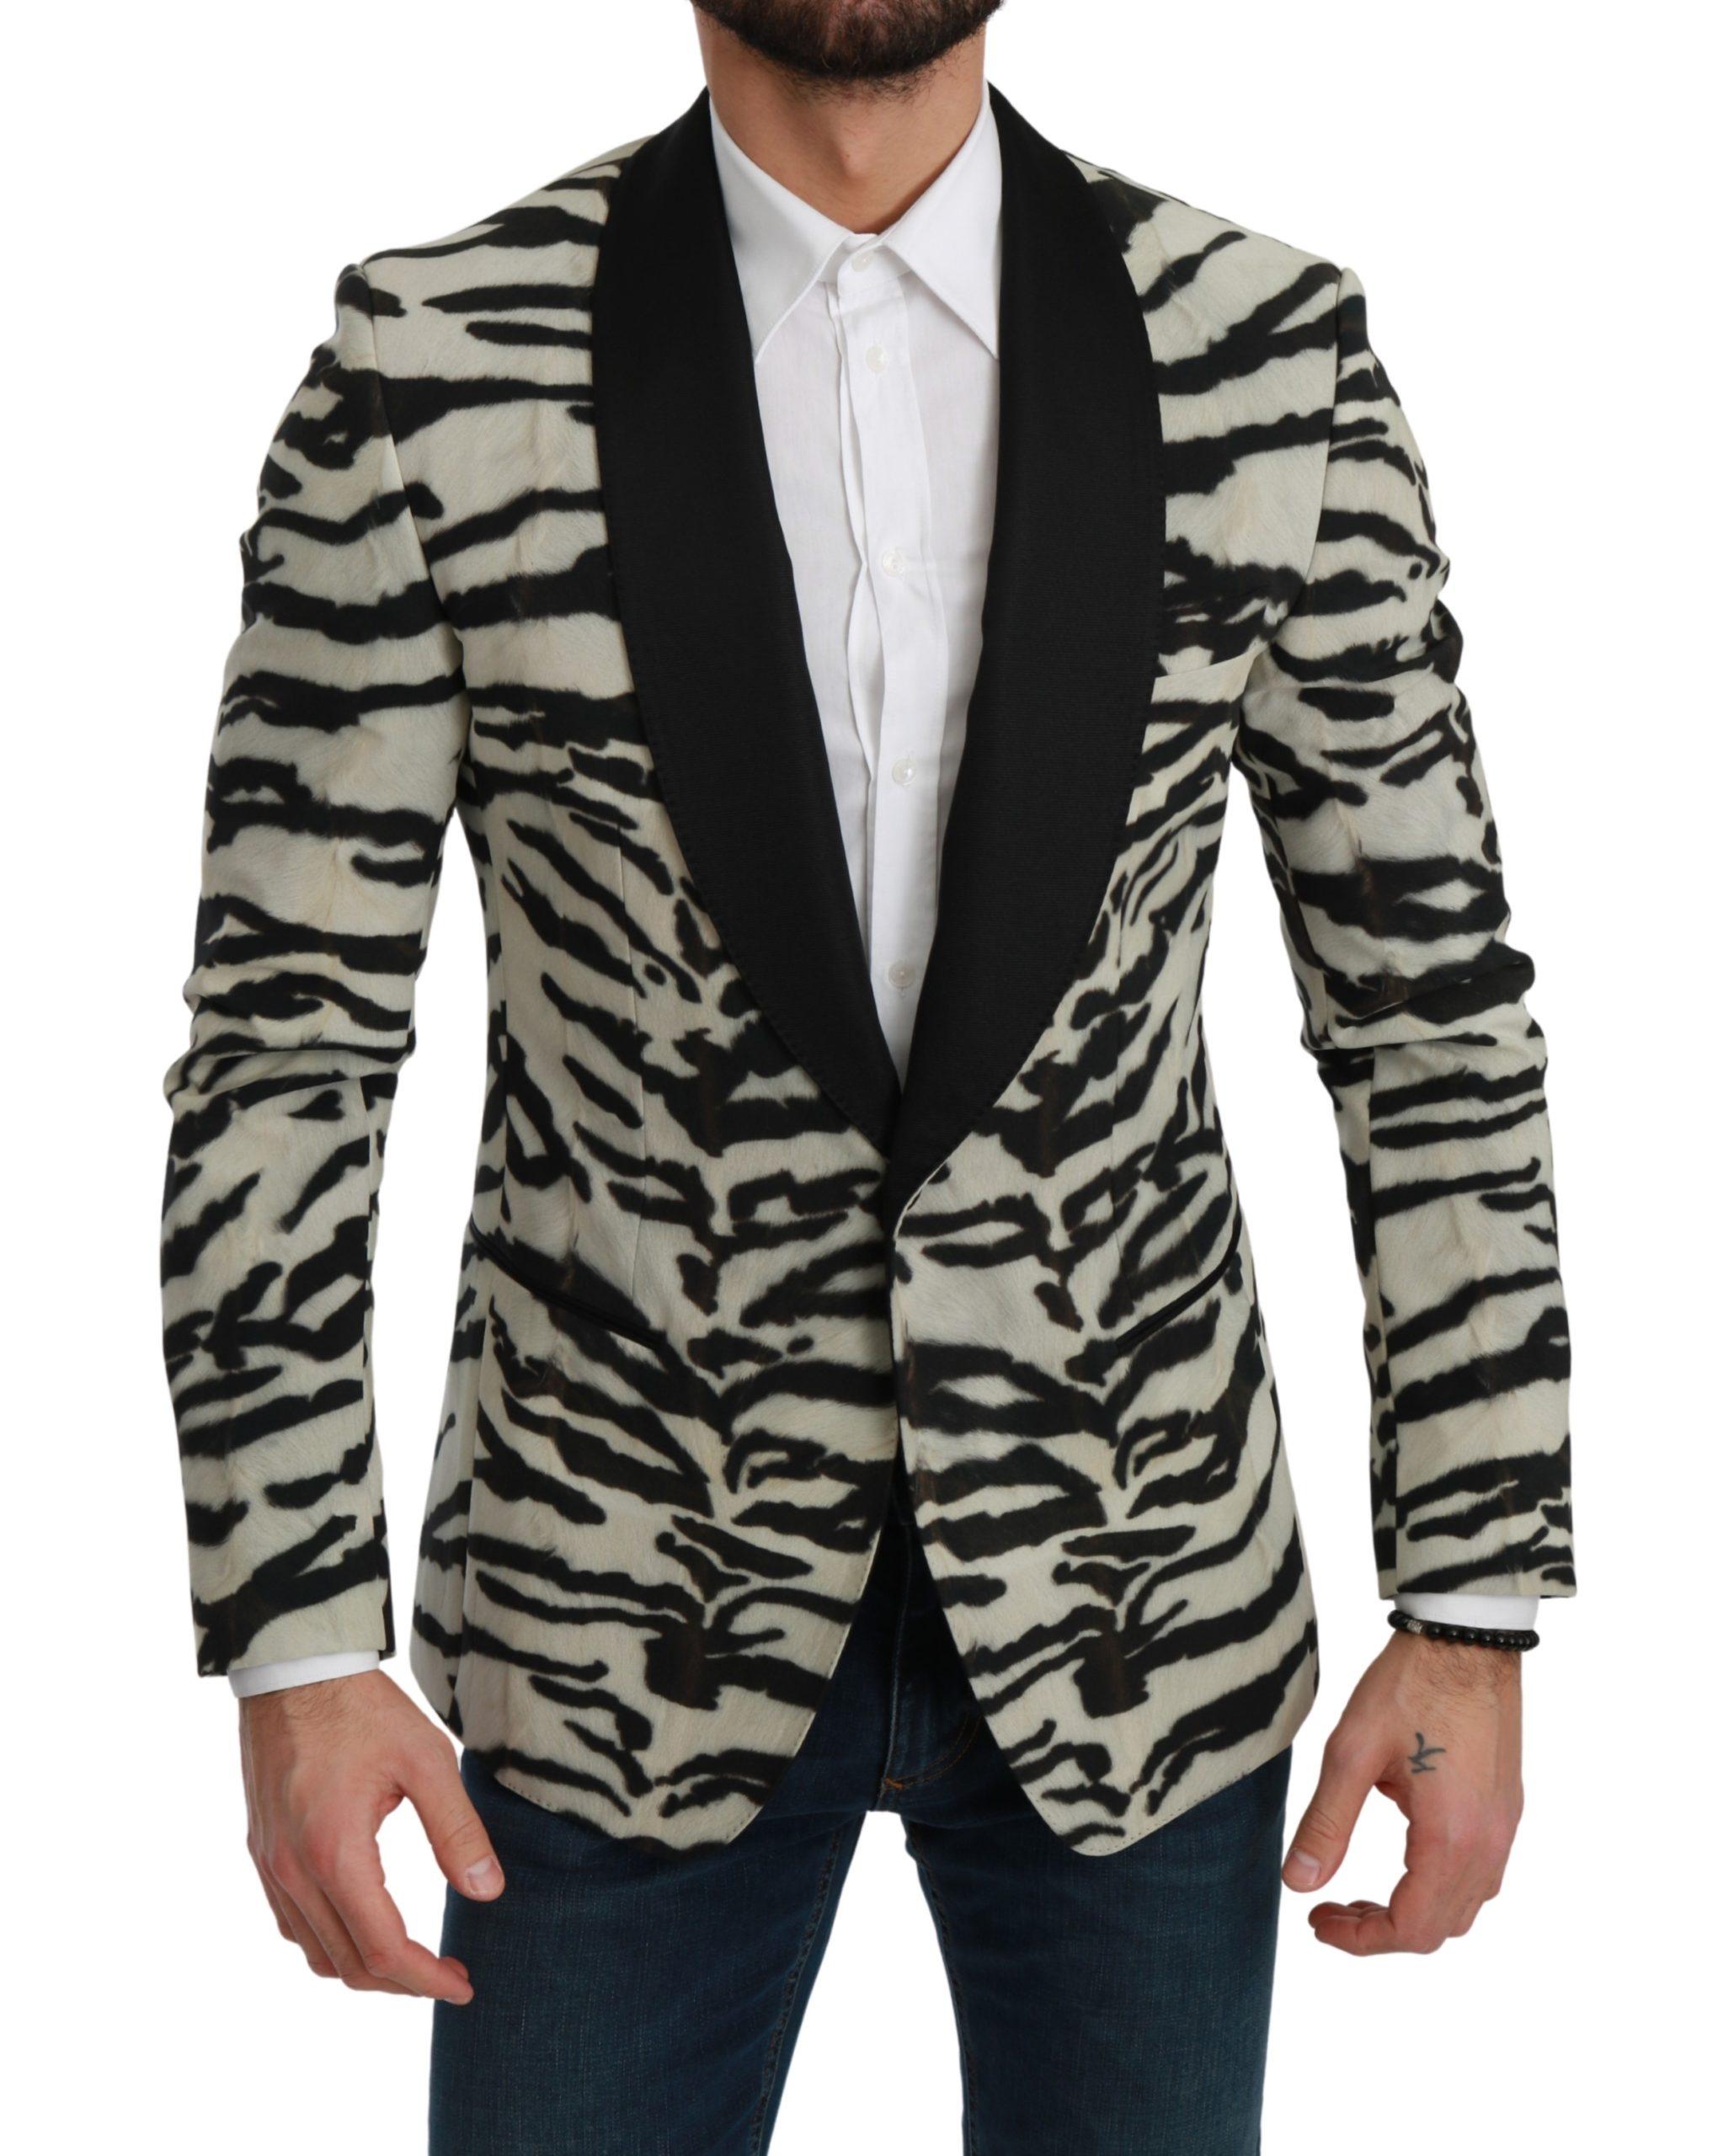 Dolce & Gabbana Men's Zebra Slim Fit Formal Blazer Multicolor KOS1712 - IT46 | S